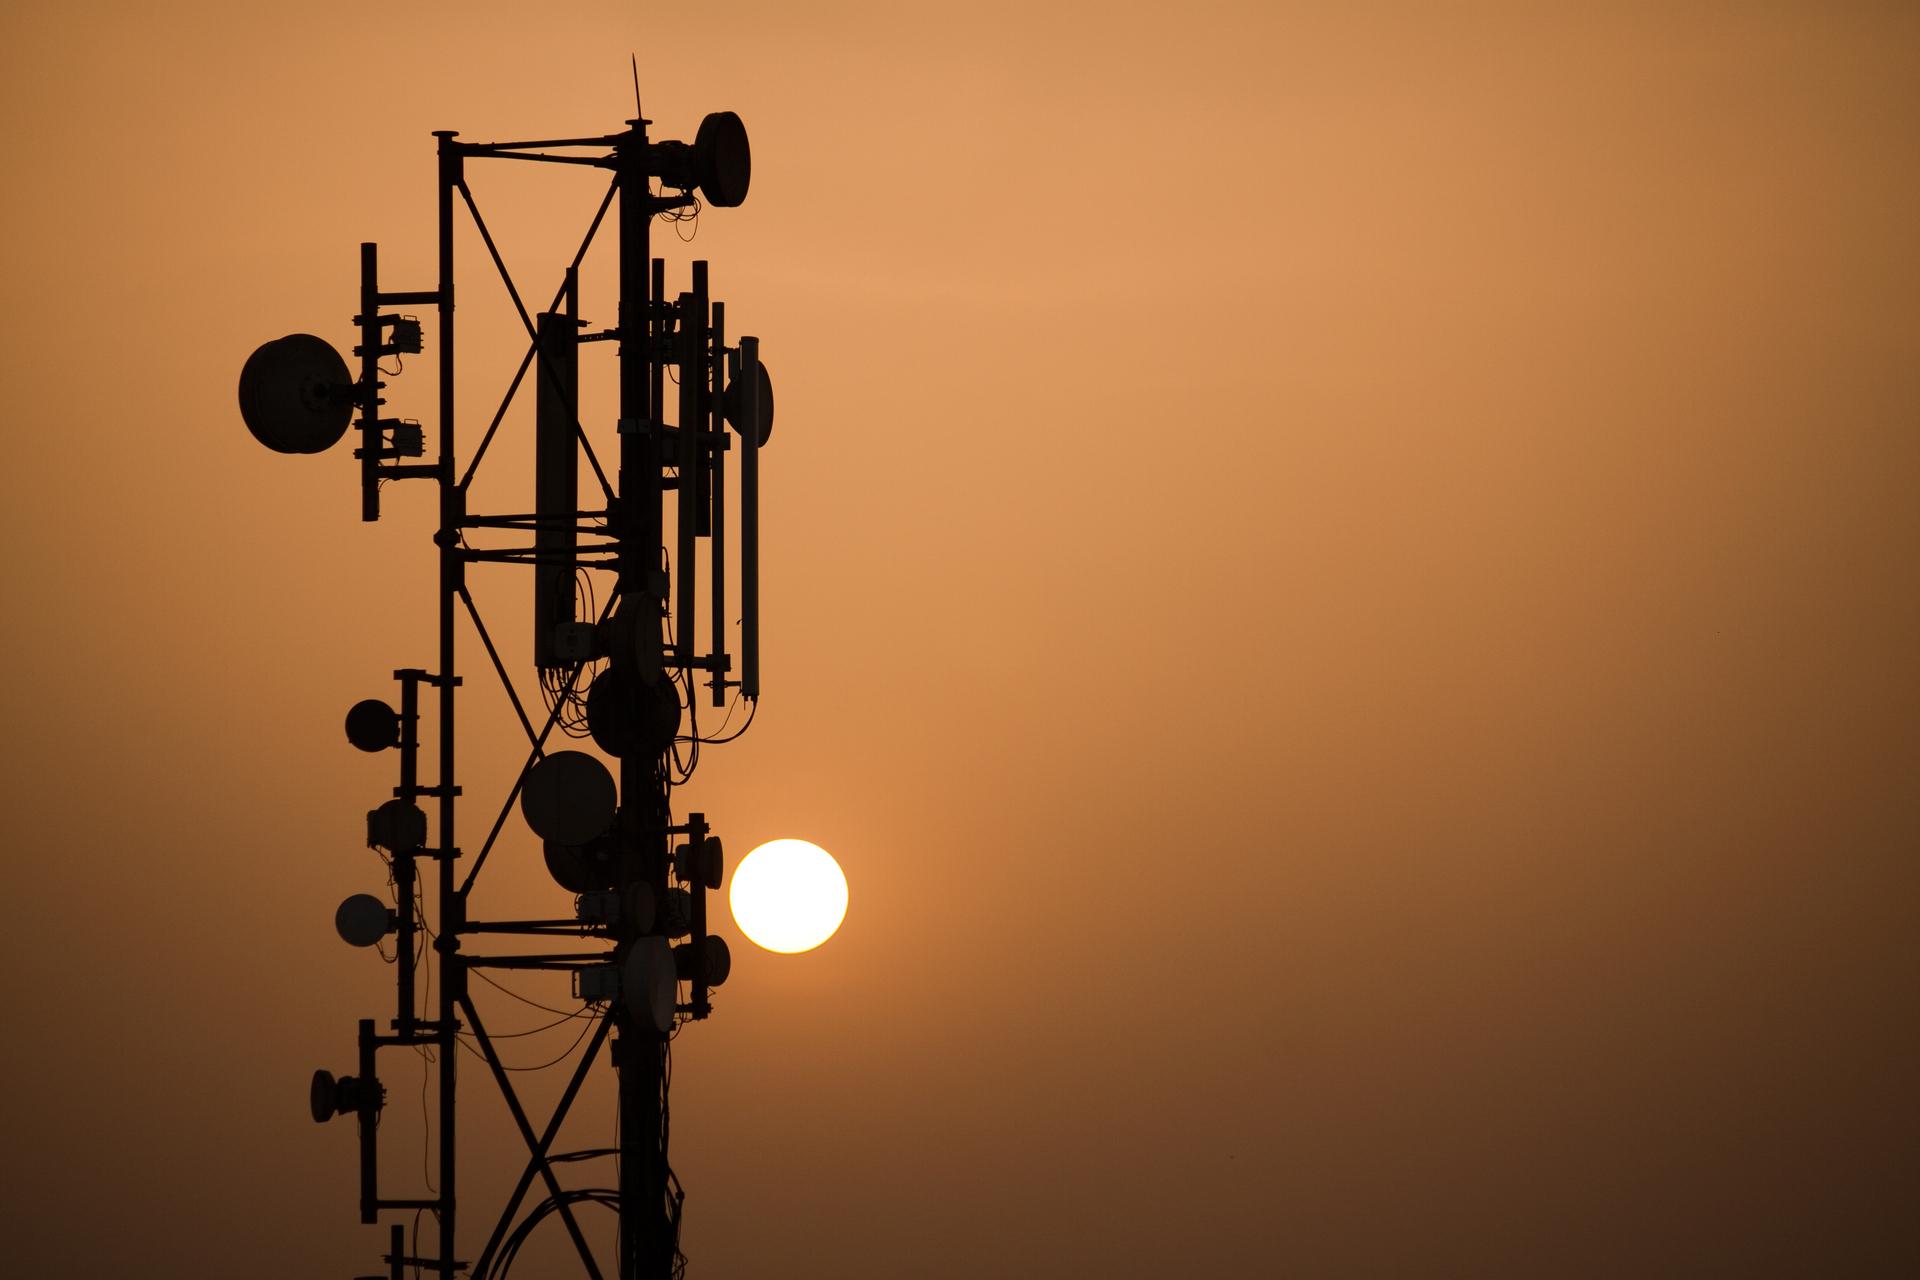 Entenda a diferença entre 3G, LTE, 4G, 4G+, 4,5G e 5G – Tecnoblog